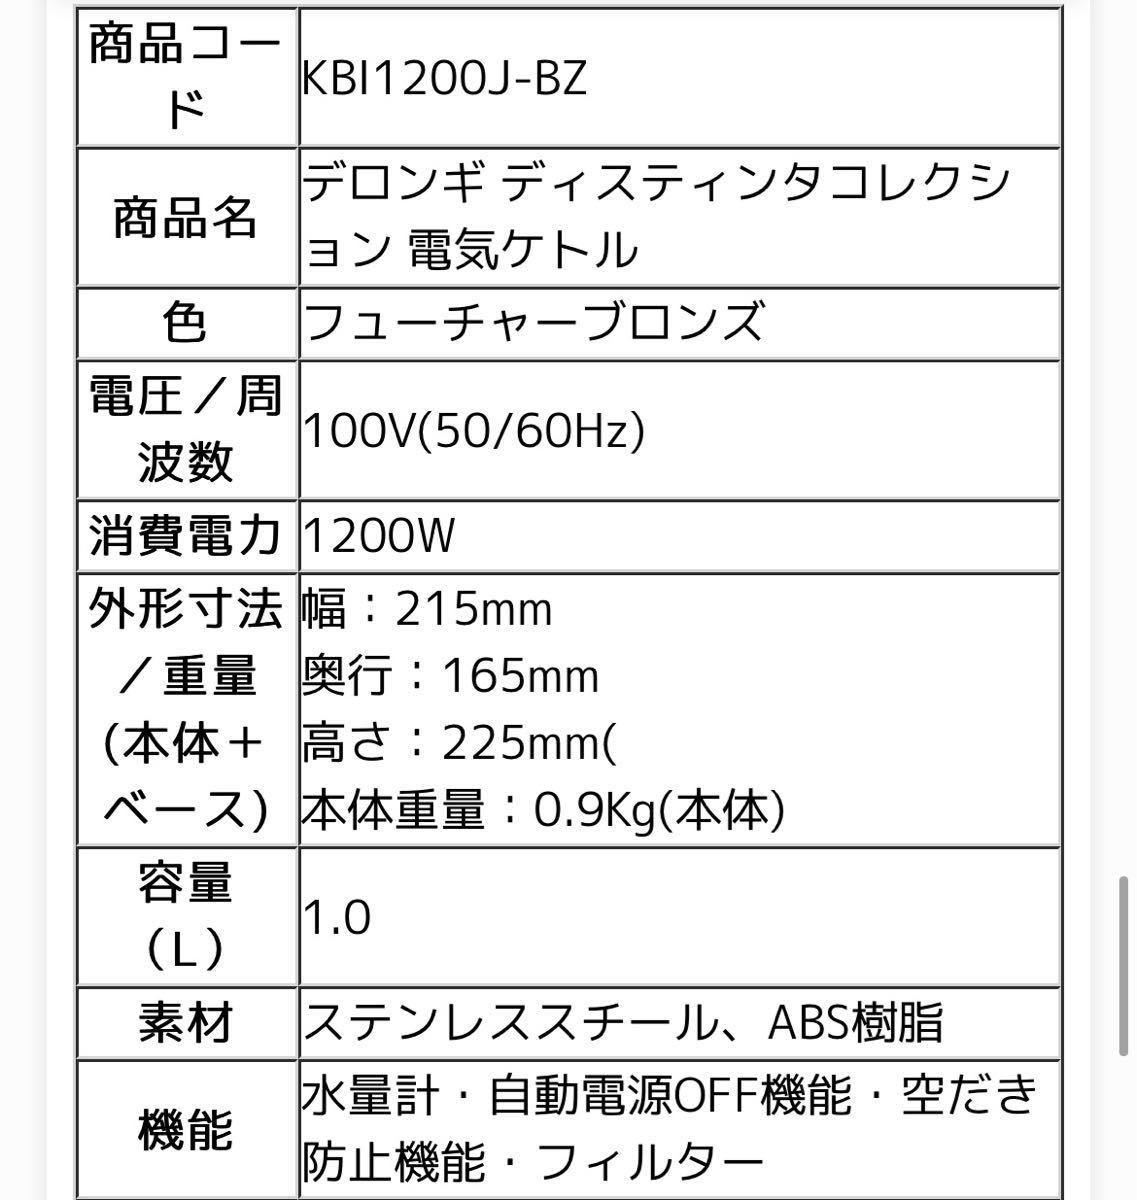 デロンギ ディスティンタコレクション 電気ケトル KBI1200J-BZ